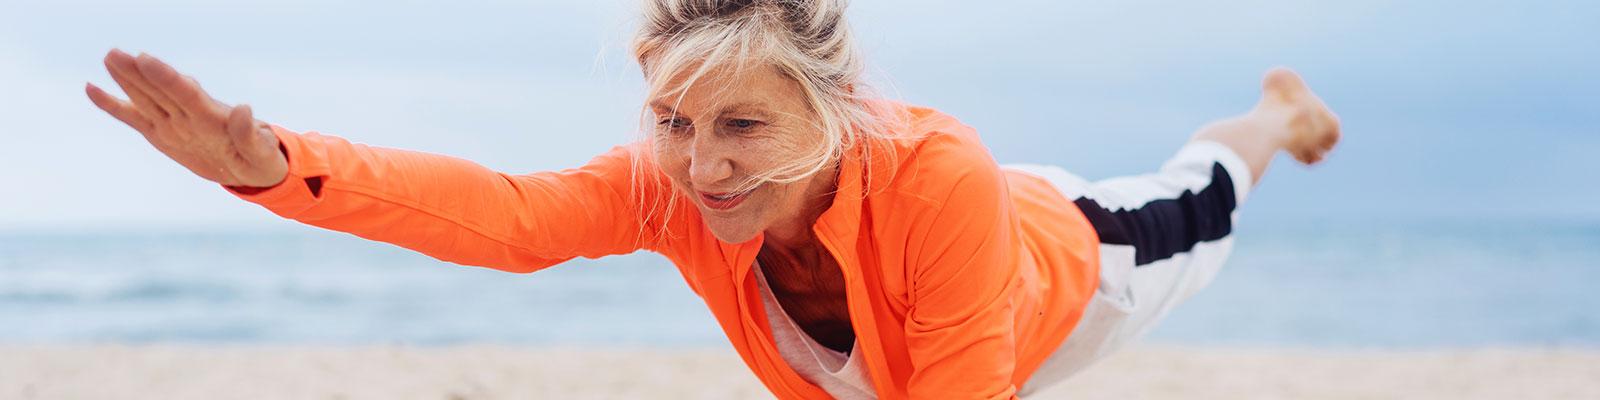 Oudere vrouw met rode jas doet yoga in de buitenlucht